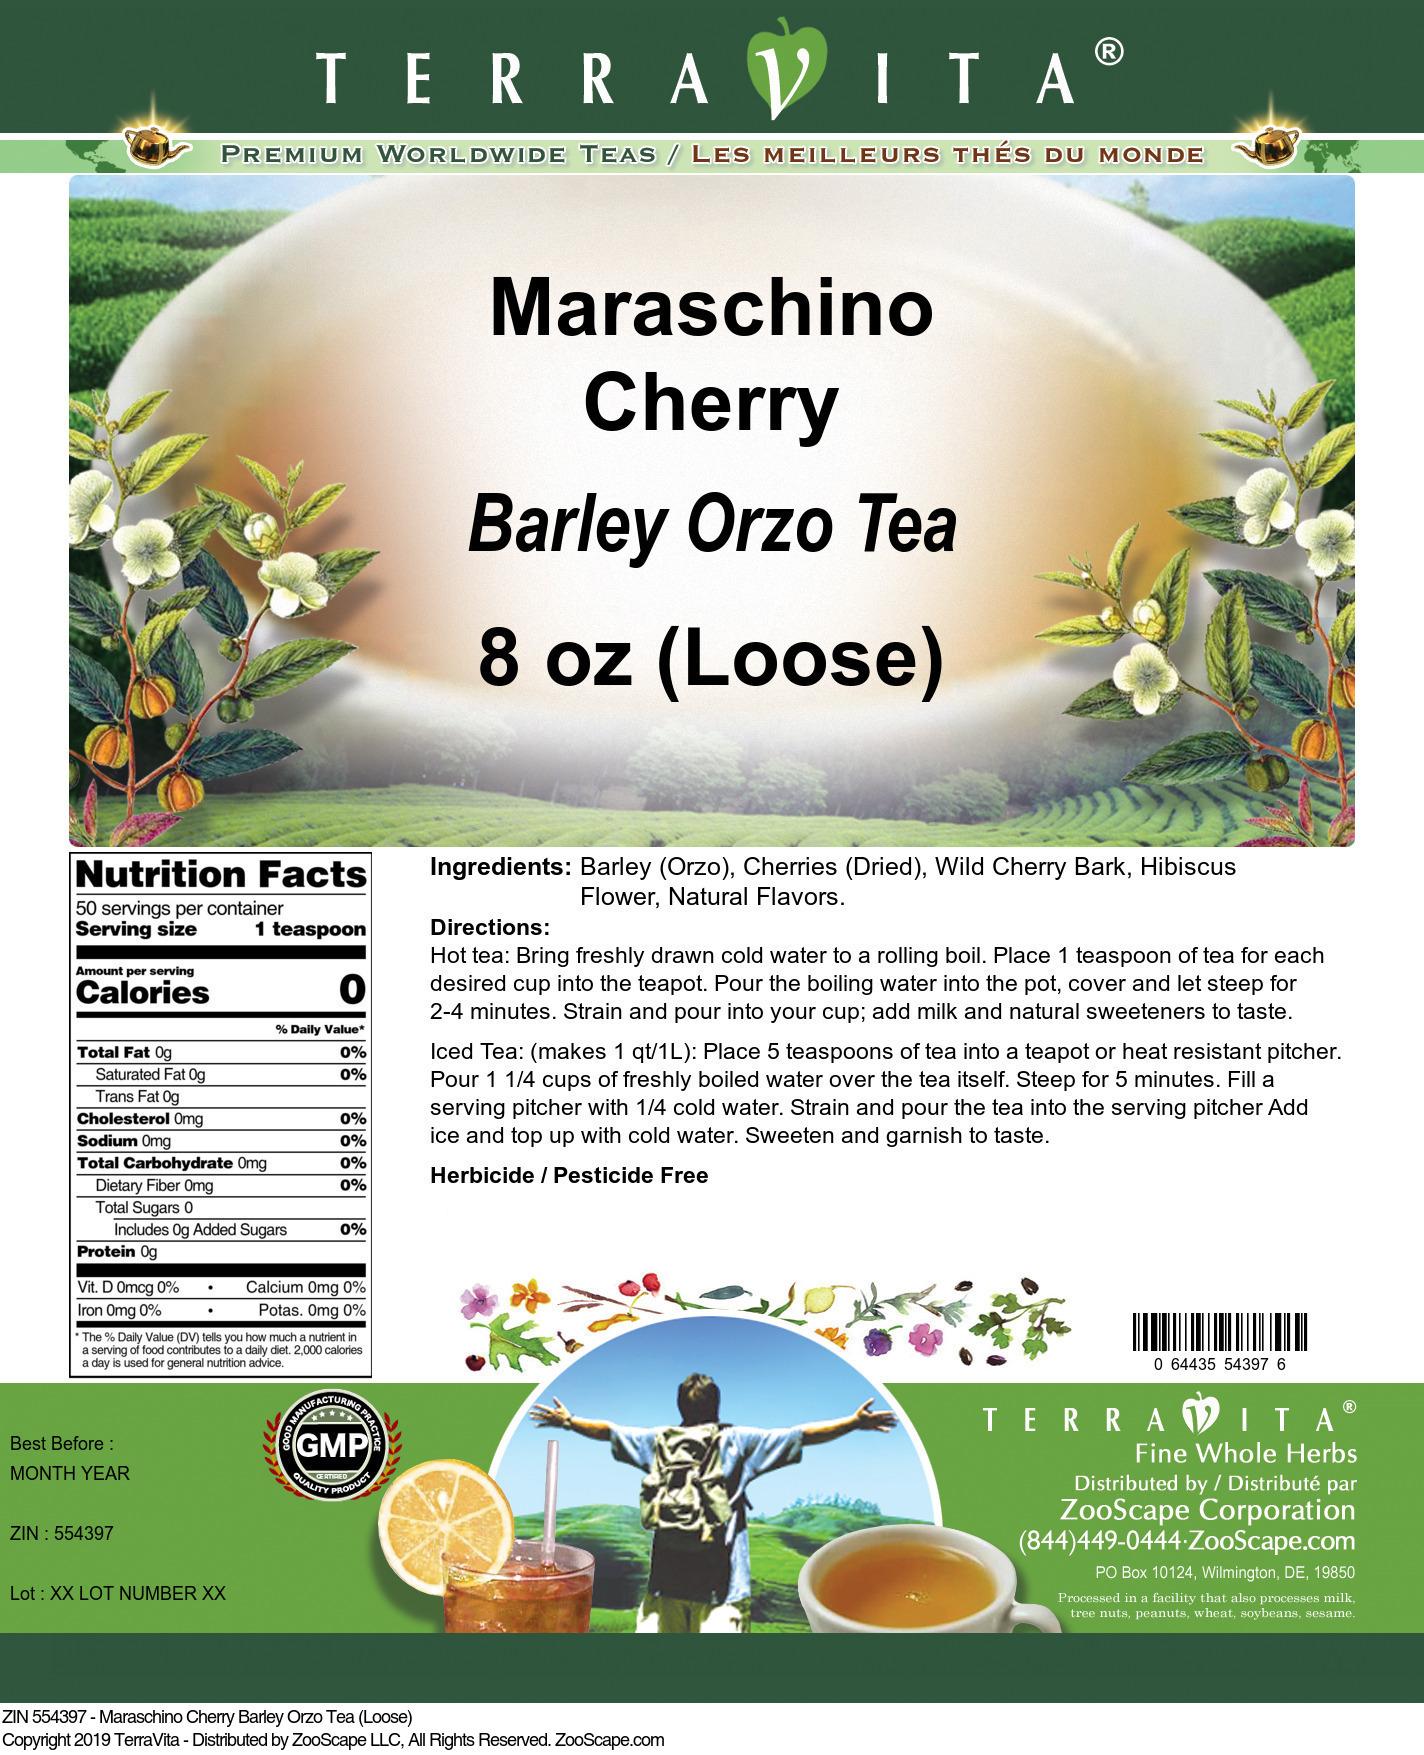 Maraschino Cherry Barley Orzo